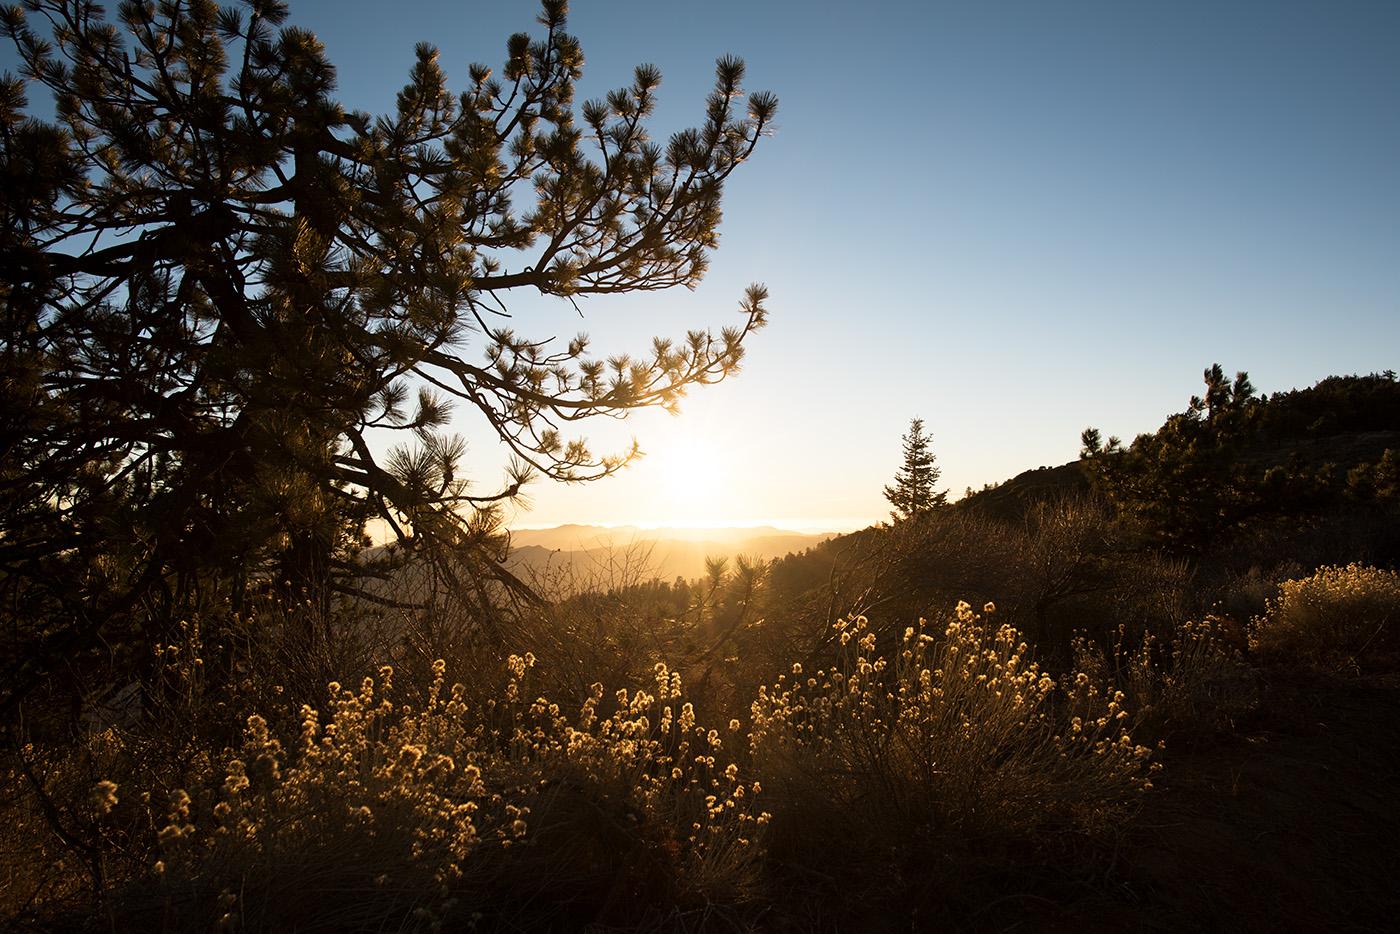 Deborah_Farnault_Sespe_Wilderness_2016_DSC_6065.jpg